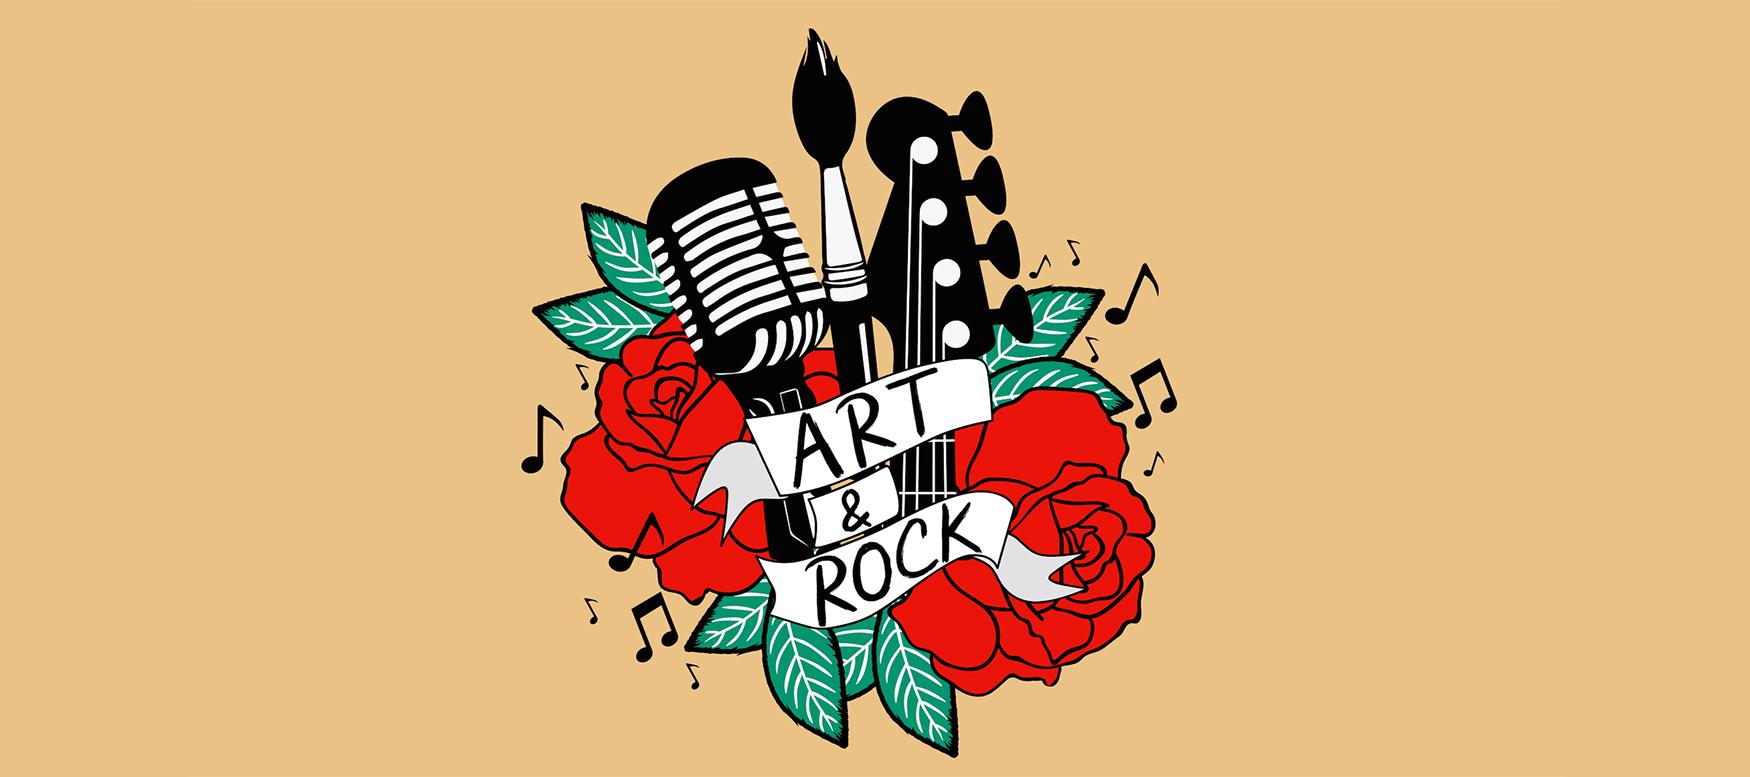 banniere-logo-art-et-rock